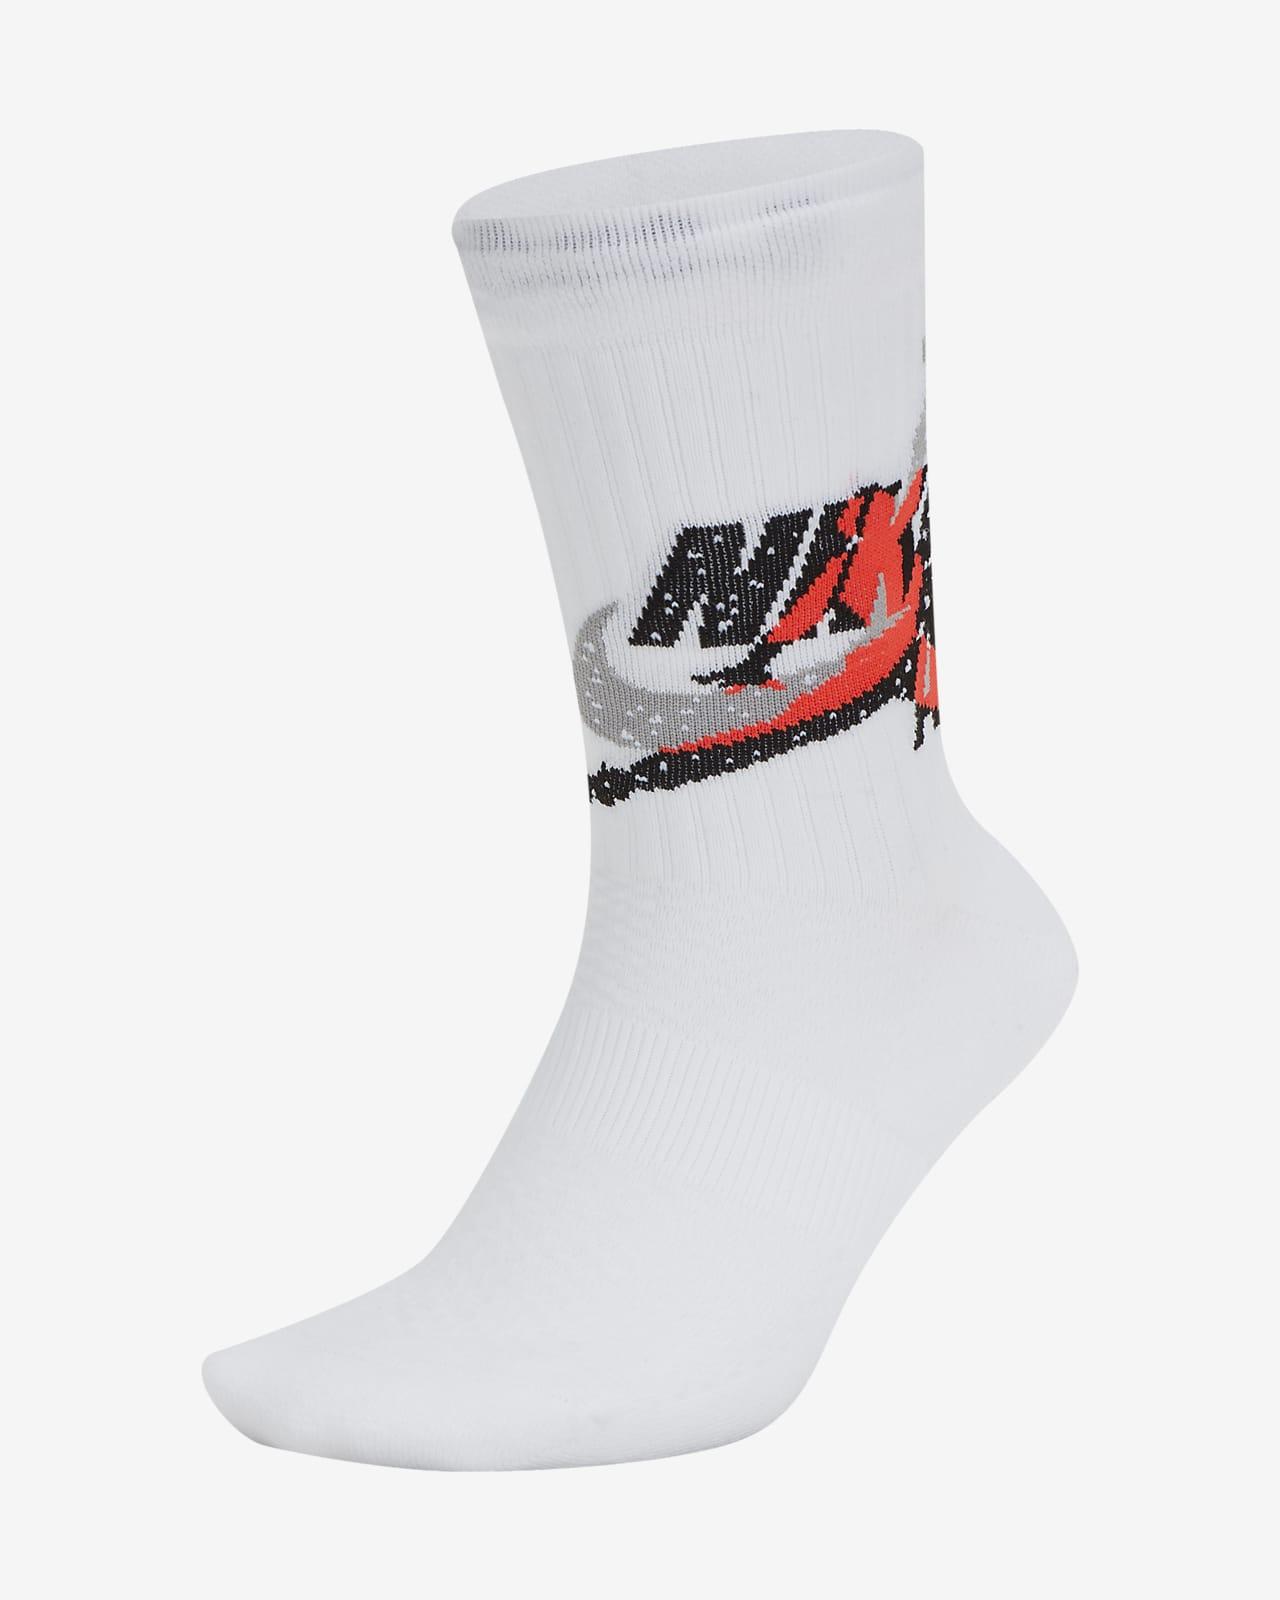 Jordan Legacy 运动袜(1 双)